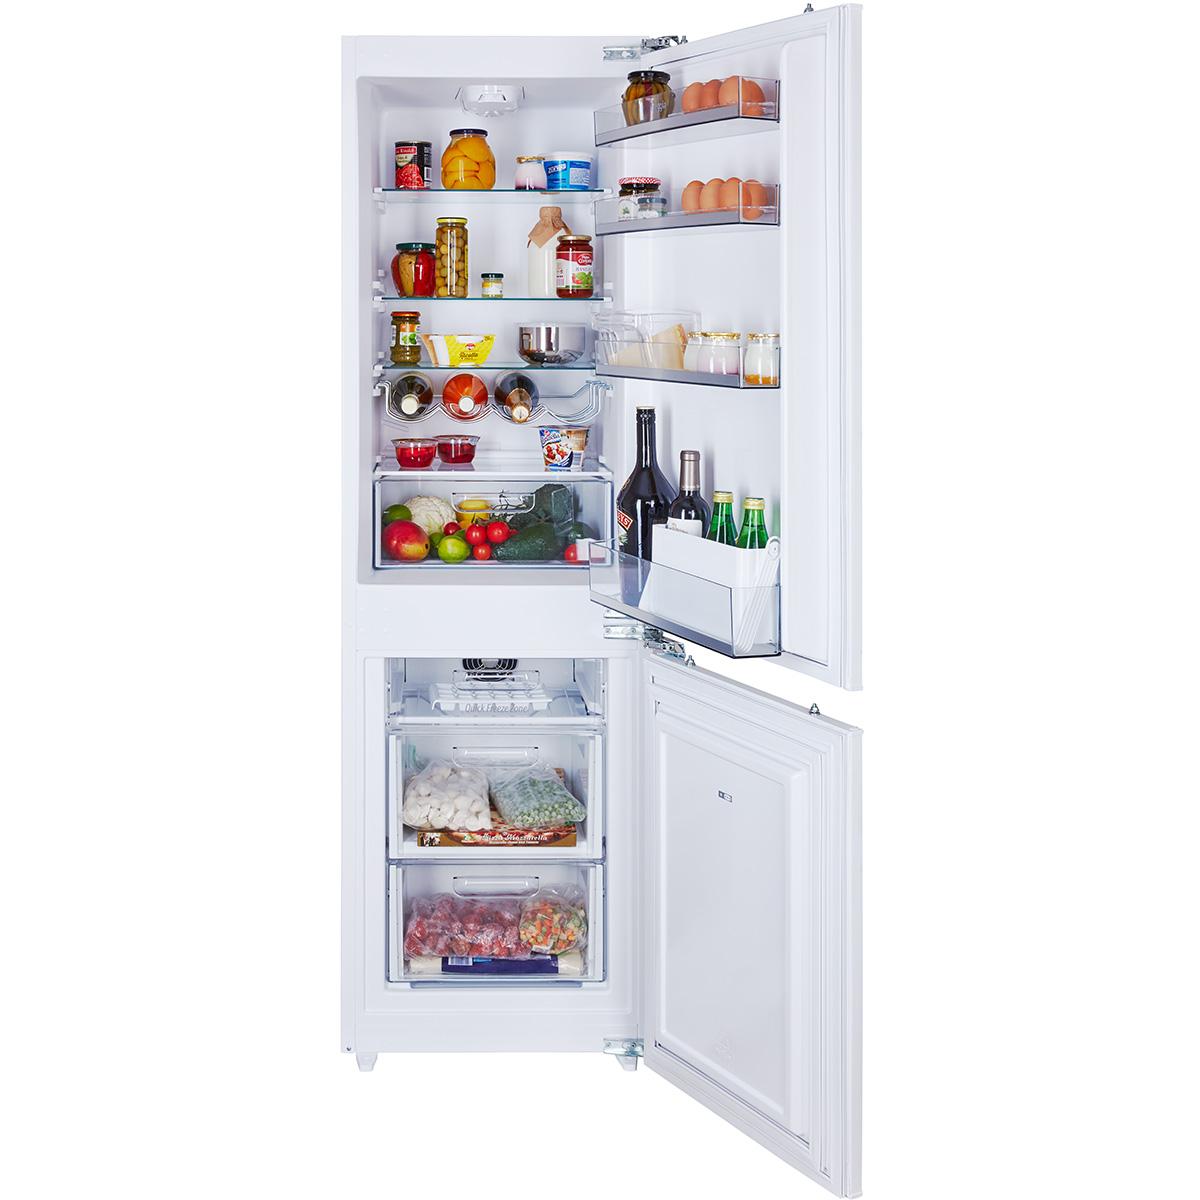 схема установки двери на встроенный холодильник